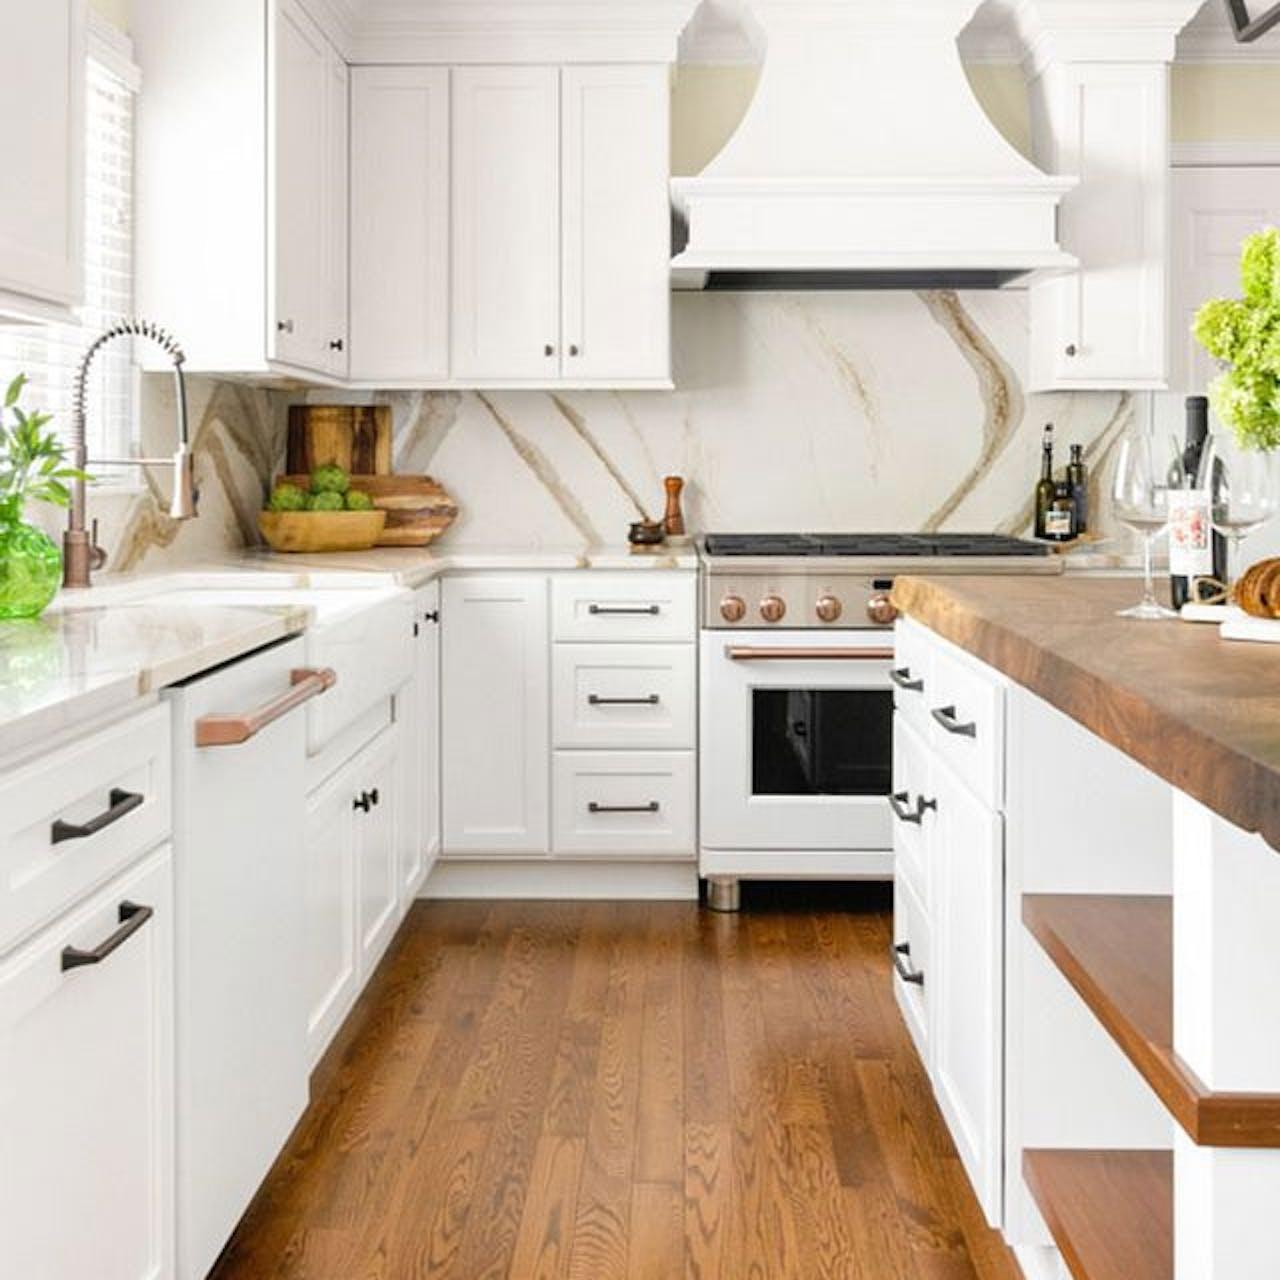 Matte white appliances